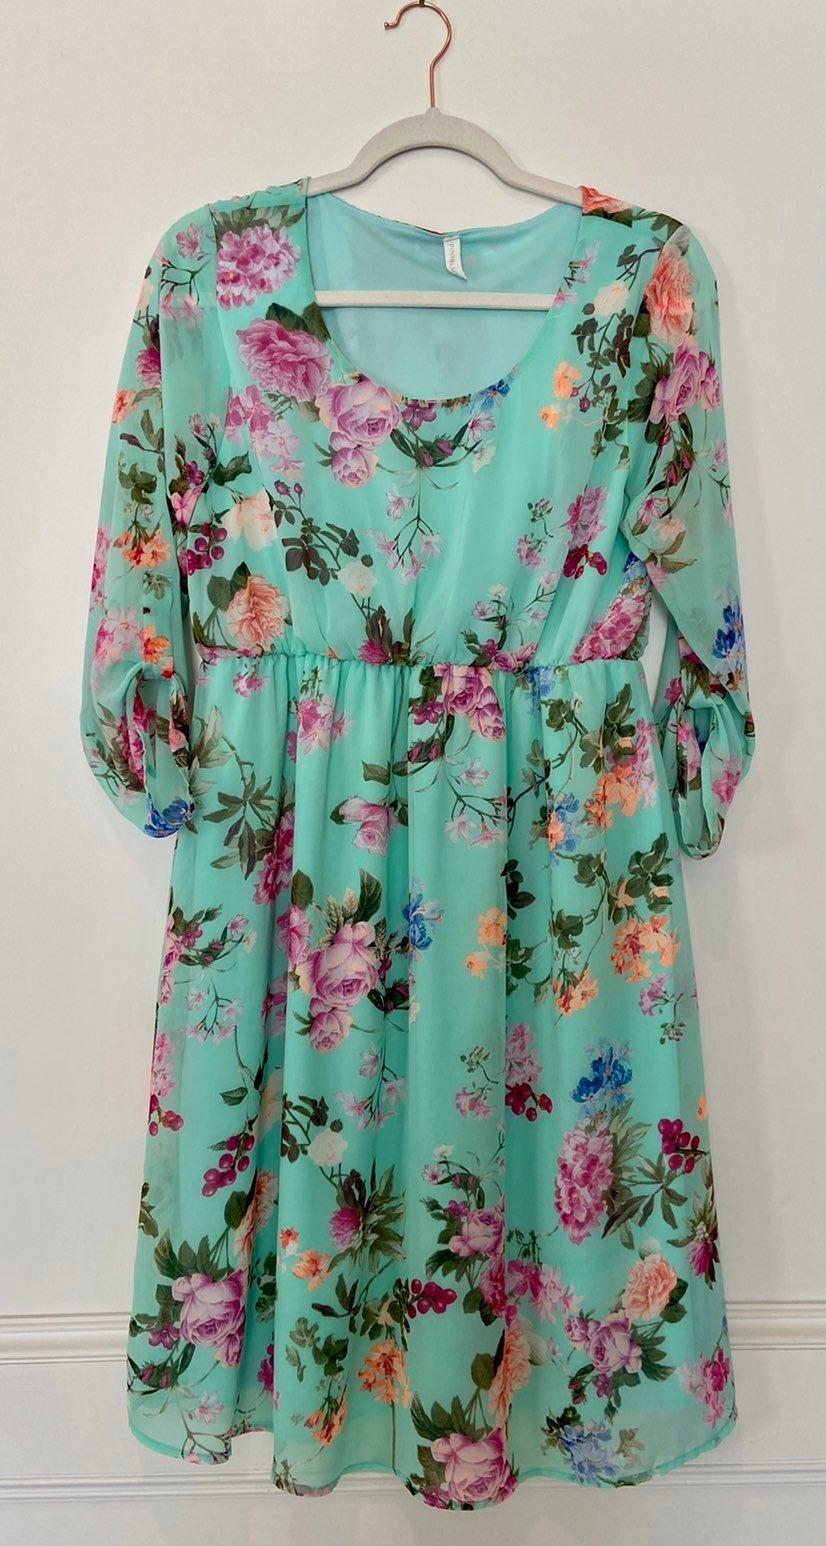 PinkBlush Maternity Dress size Medium